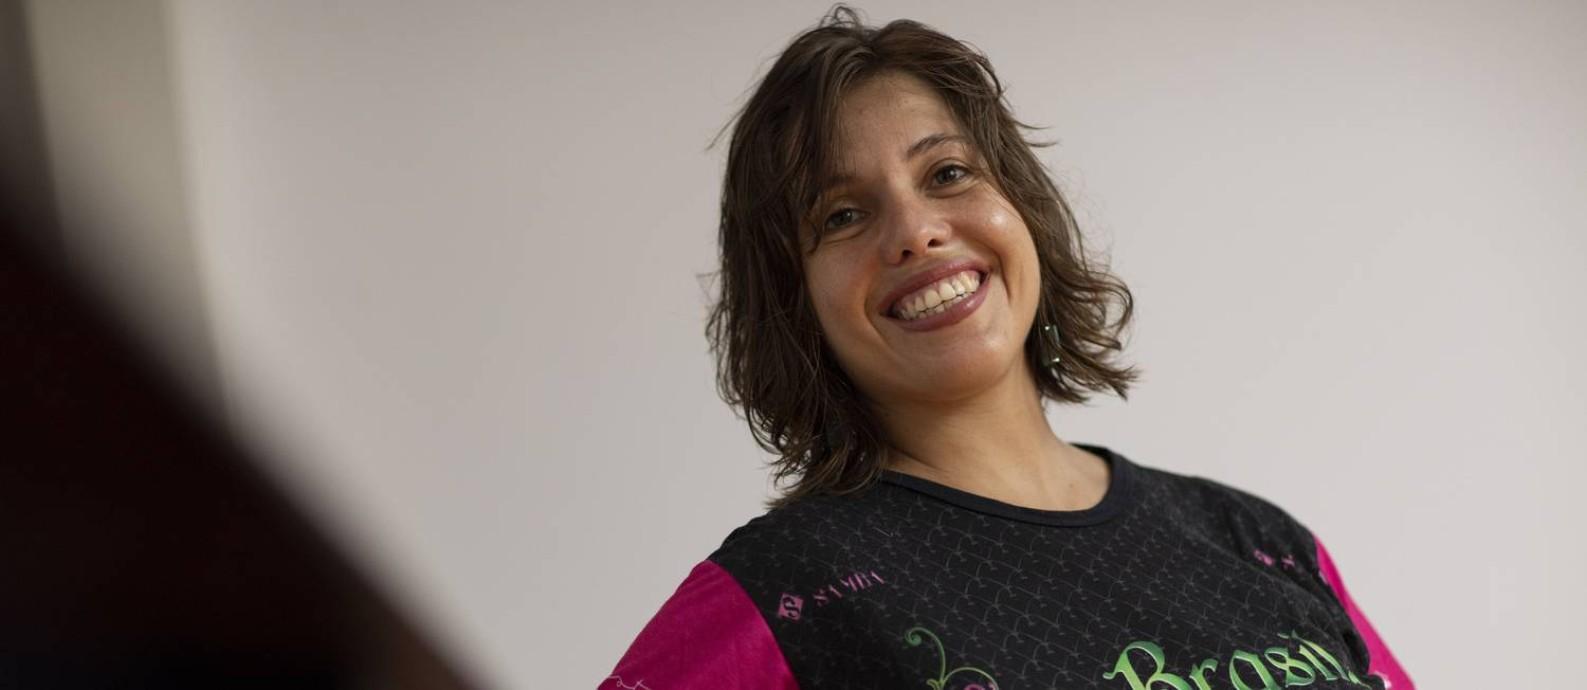 Manu da Cuíca, unica mulher compositora e letrista do samba da Mangueira, campeã do carnaval 2019 Foto: Gabriel Monteiro / Agência O Globo